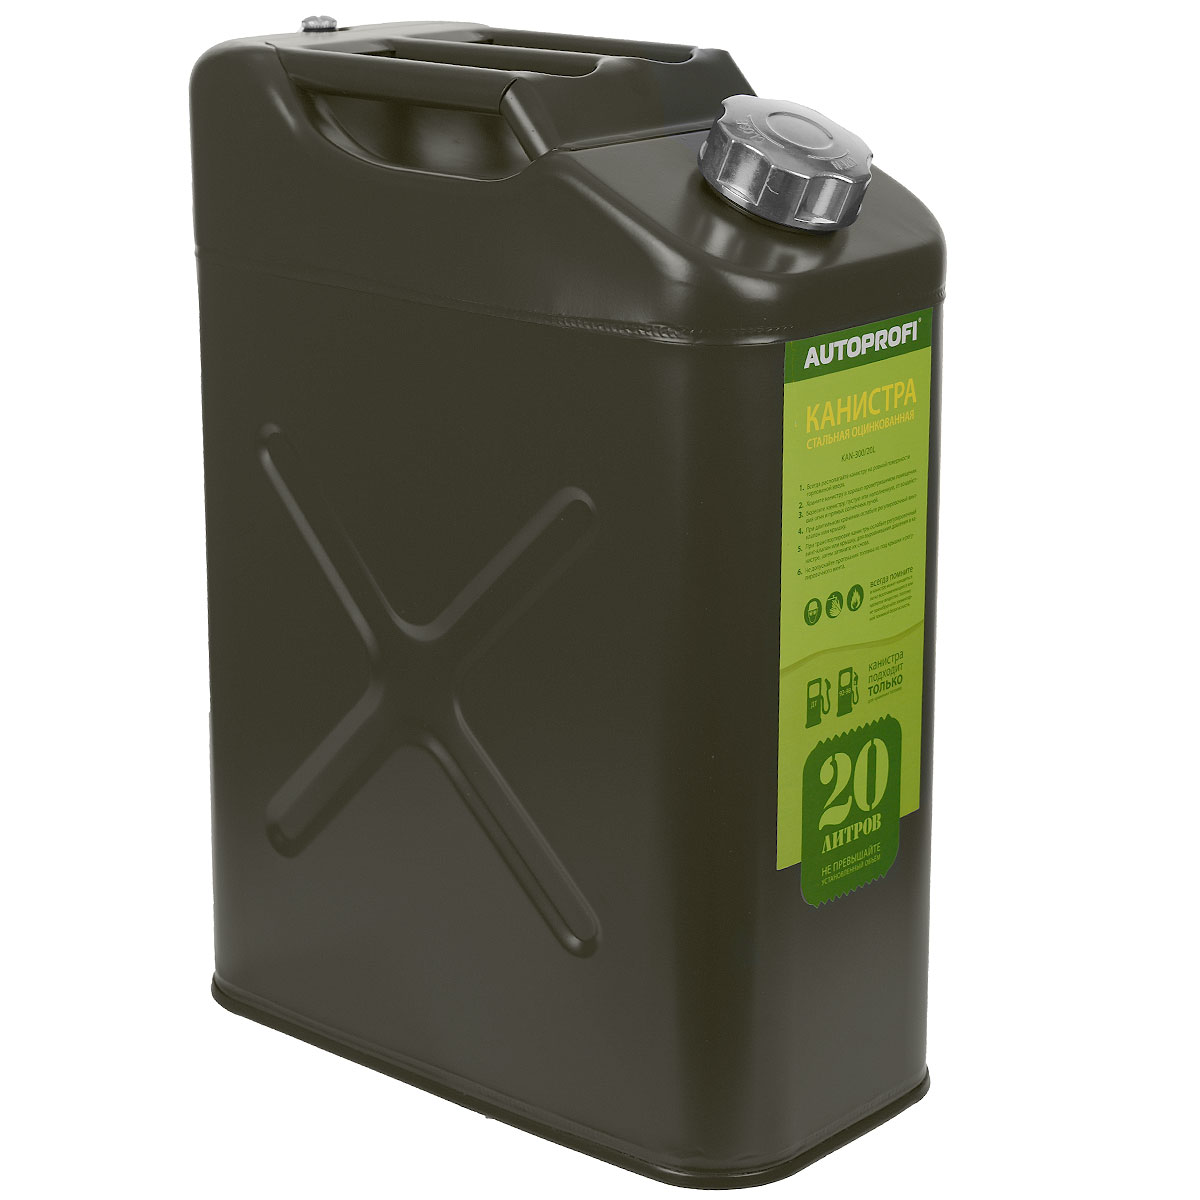 """Универсальная 20-литровая канистра """"Autoprofi"""" предназначена для хранения топлива любого вида. Канистра изготовлена из оцинкованной стали, которая обладает высокими антикоррозийными свойствами и устойчива к агрессивному воздействию заливаемой жидкости.  Для удобства переноски изделие оснащено тремя ручками. В верхнюю часть канистры встроен регулировочный клапан, который выравнивает давление воздуха внутри емкости с атмосферным, ускоряя процесс заливки и опорожнения. С канистрой также поставляется гофрированная трубка-лейка, находящаяся под крышкой. С ее помощью удобно заливать топливо в горловину бака любой конфигурации.   Характеристики:  Материал: оцинкованная сталь. Цвет: черный. Объем: 20 л. Размер канистры (ДхШхВ): 34,5 см х 17,5 см х 46 см. Размер упаковки: 35 см х 19 см х 48 см. Артикул: KAN-300."""